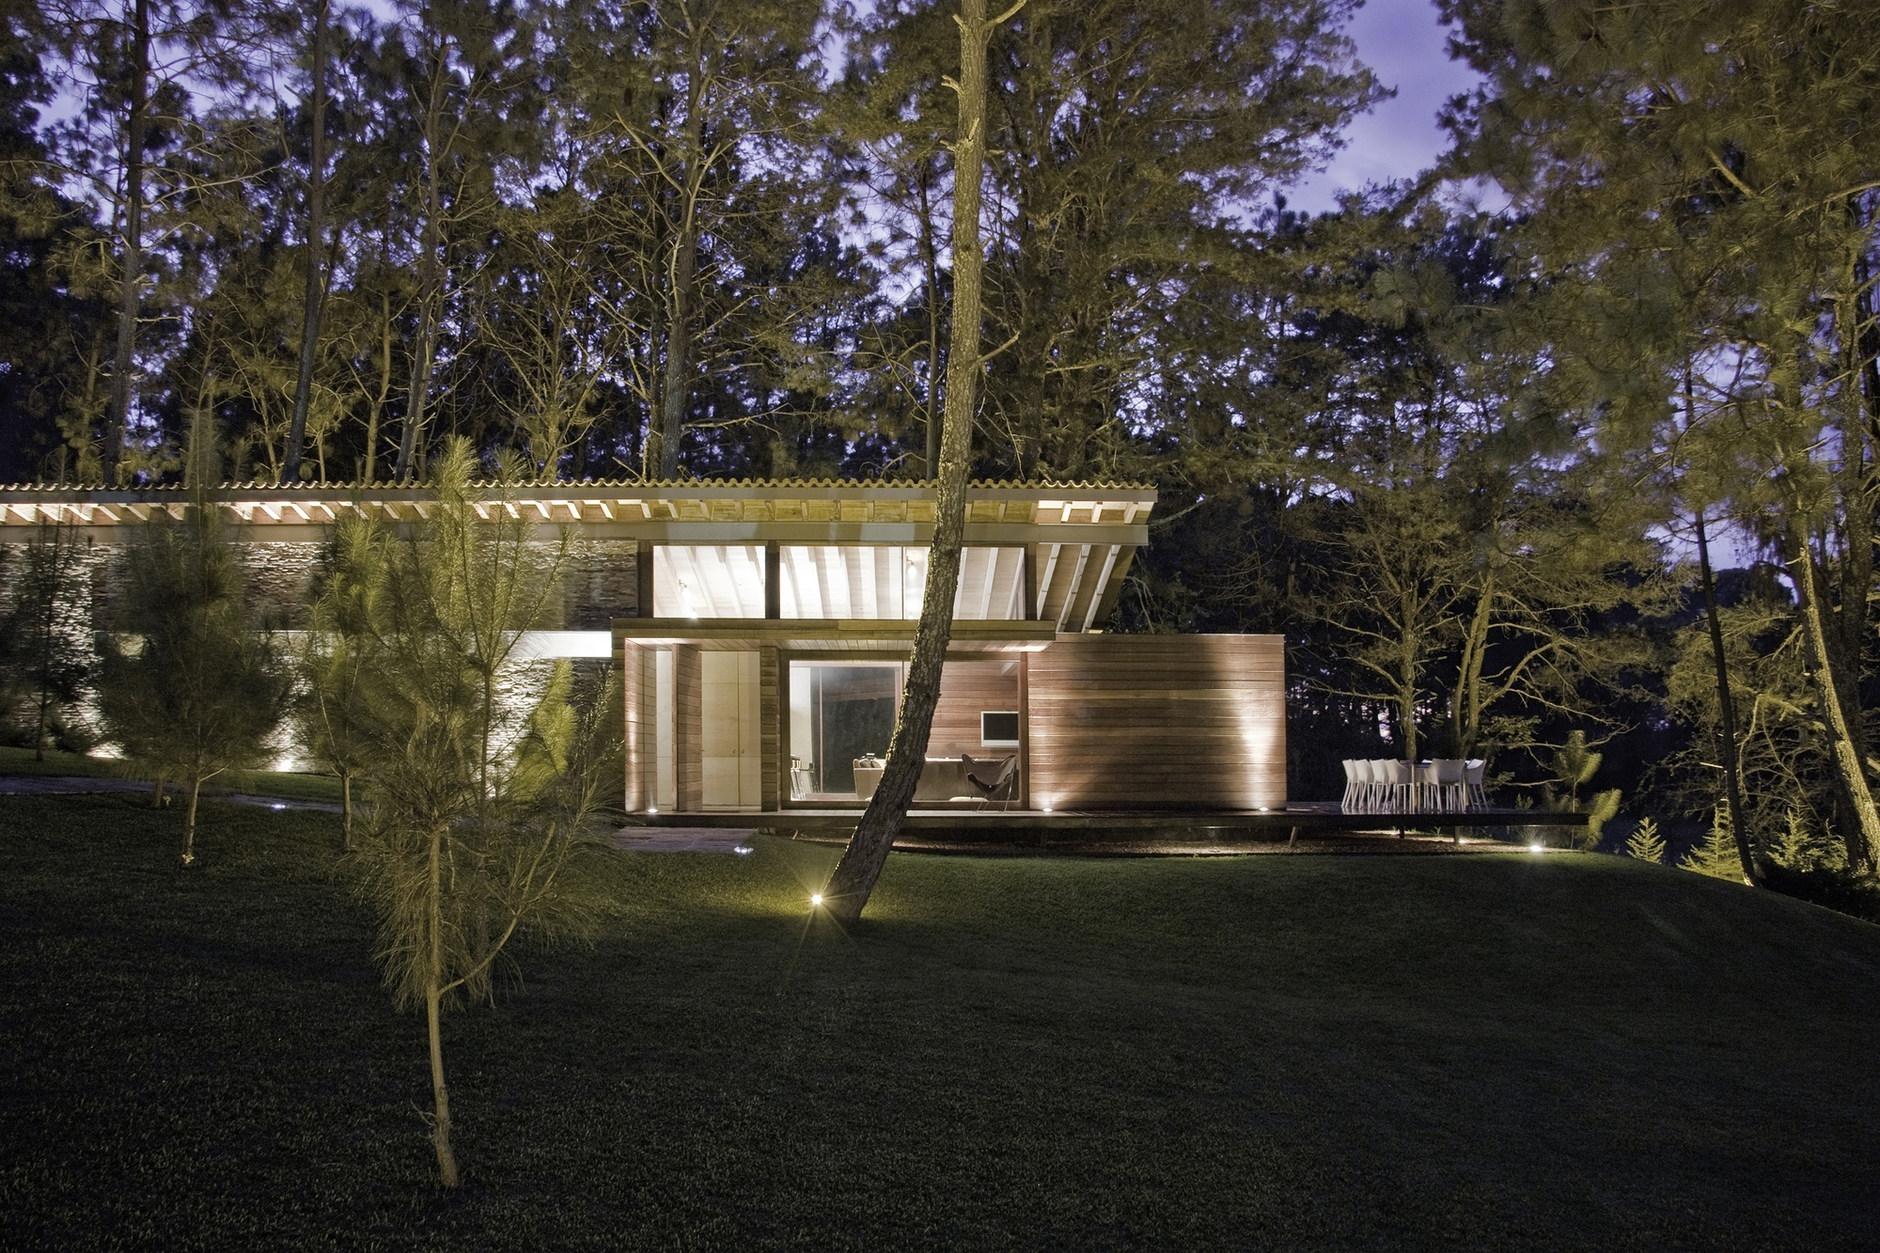 Ro house tapalpa by el as rizo arquitectos karmatrendz for Portal de arquitectos casa de campo